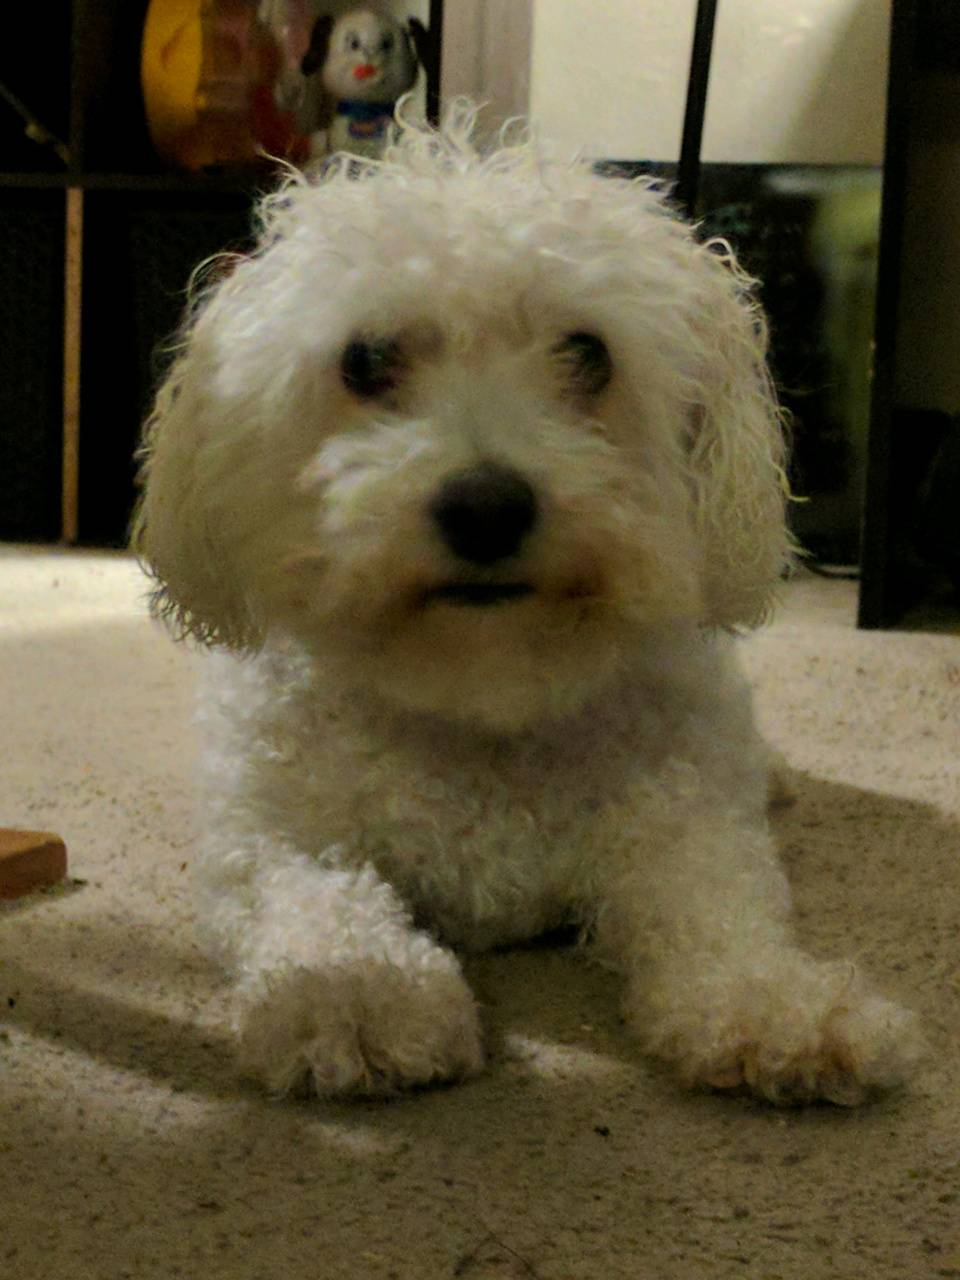 Sweet Pupper